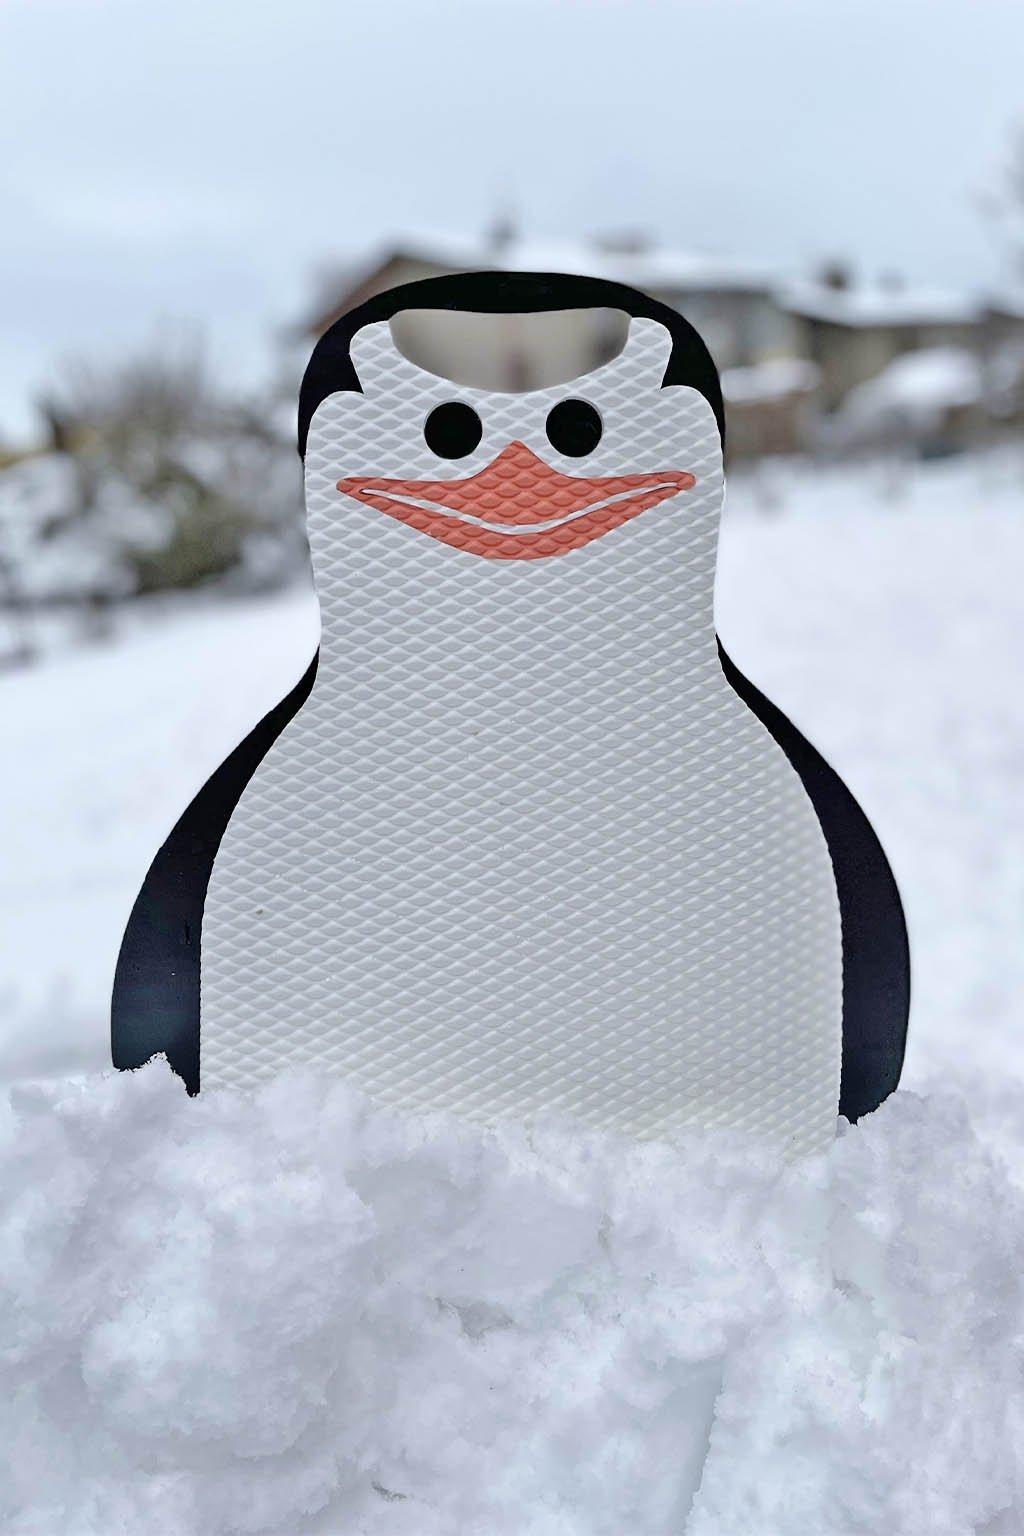 TUKI pěnový kluzák na sníh